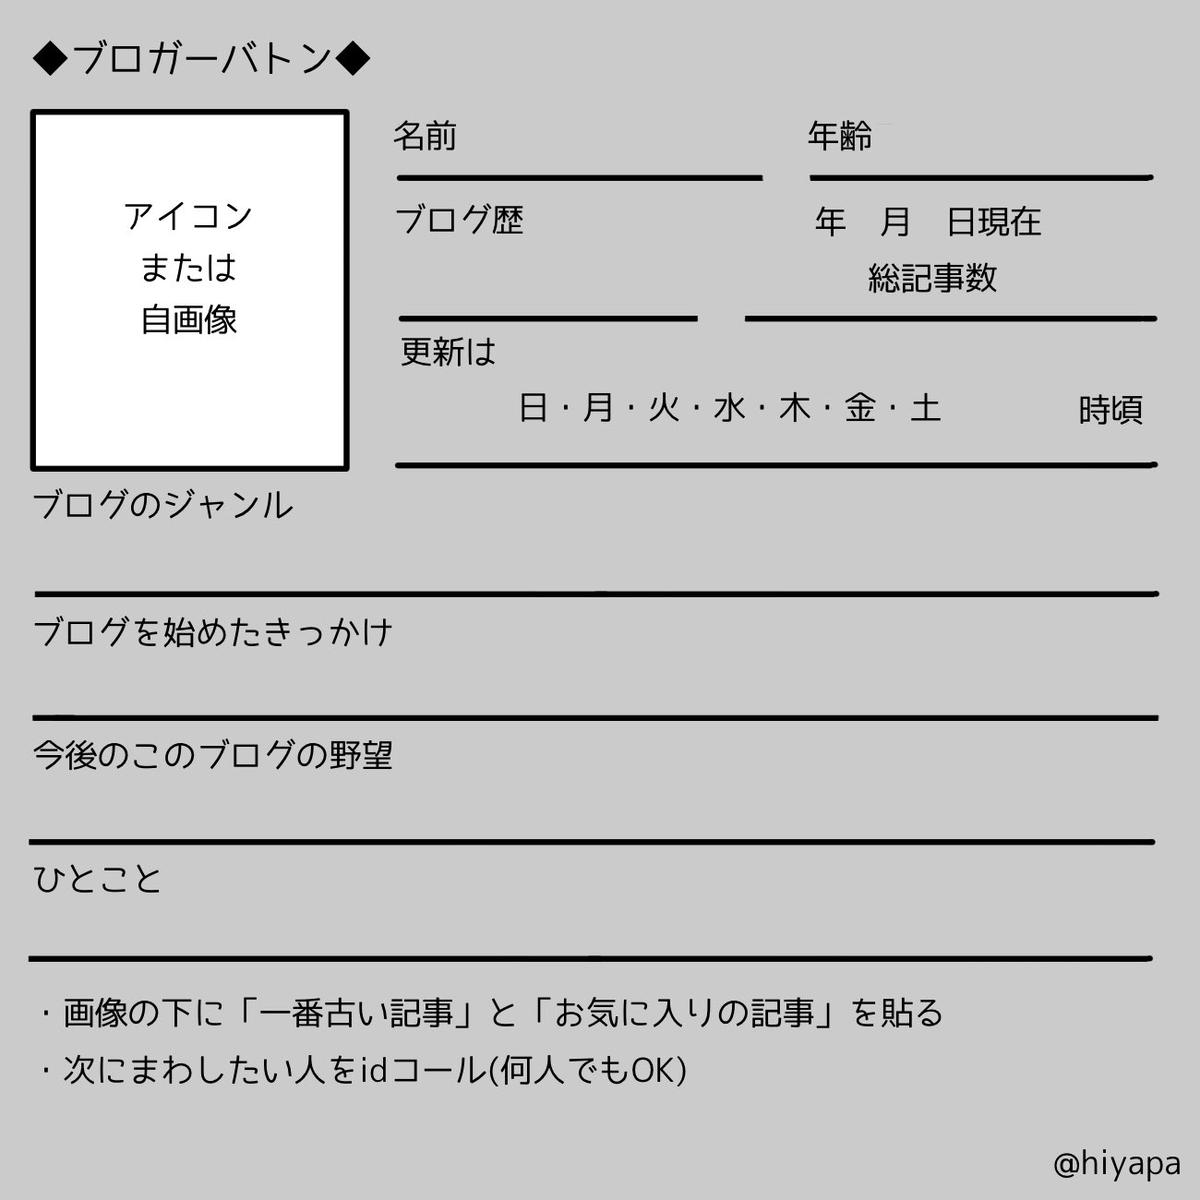 f:id:seibutuheiki:20200707233134j:plain